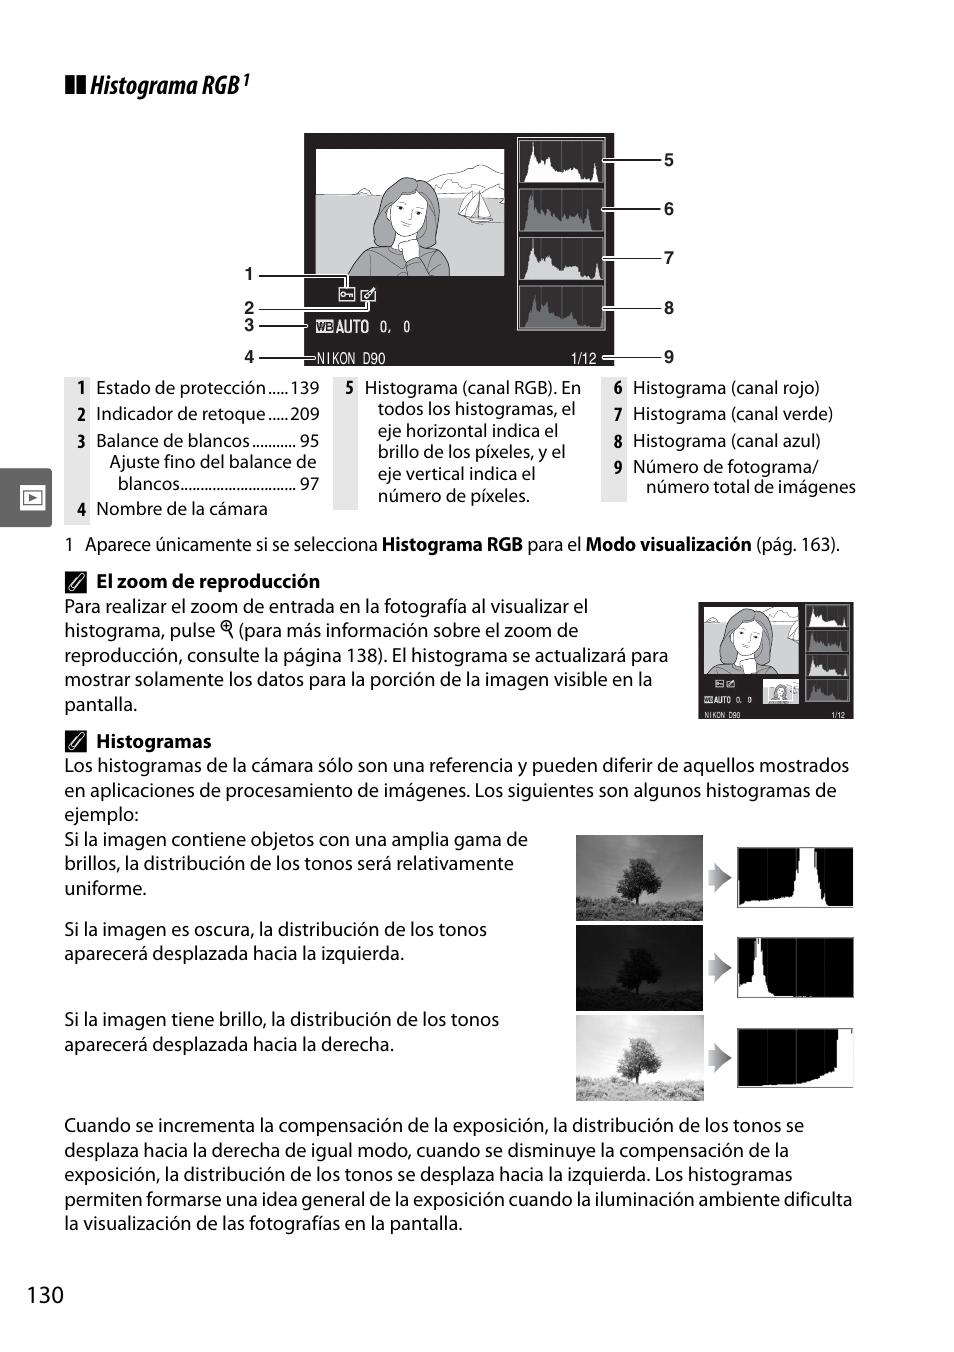 histograma rgb nikon d90 manual del usuario p gina 150 300 rh pdfmanuales com Manual De Usuario Samsung Manual Del iPhone 5